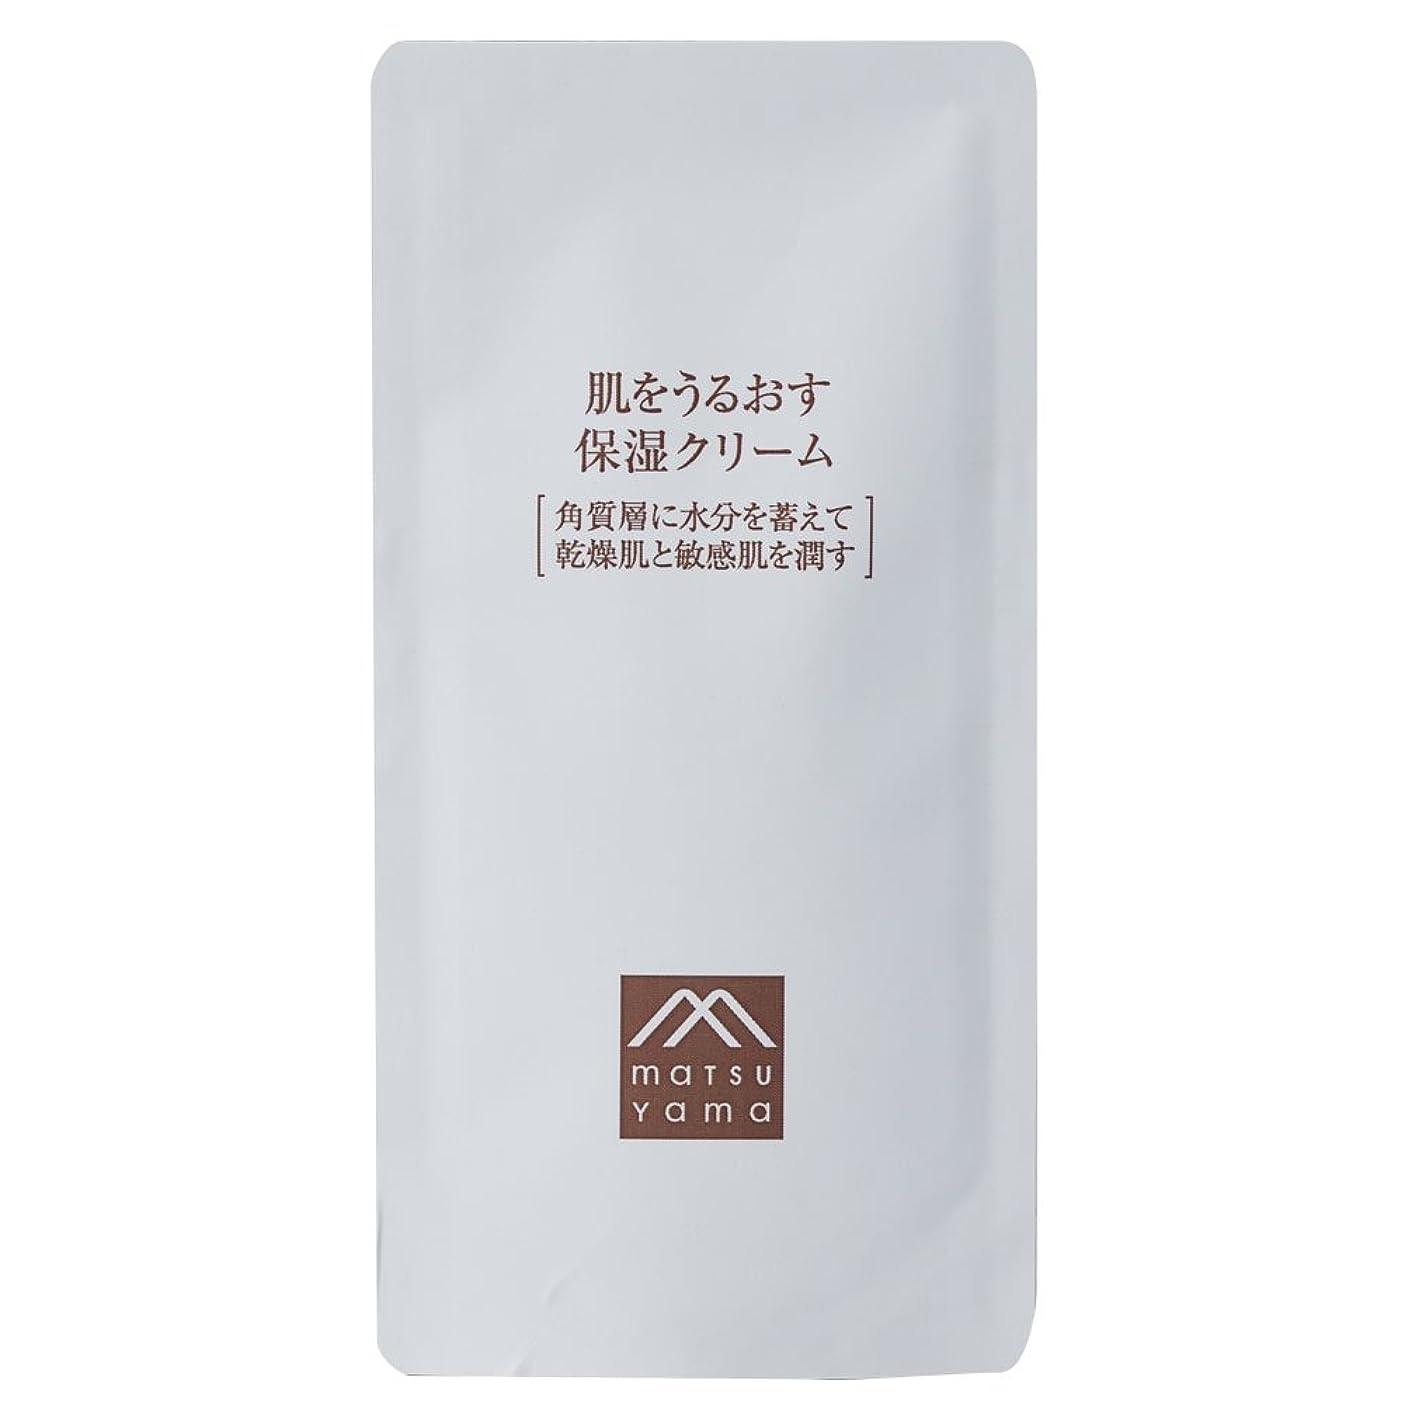 感じる公式大気肌をうるおす保湿クリーム 詰替用(クリーム) 濃厚クリーム [乾燥肌 敏感肌]